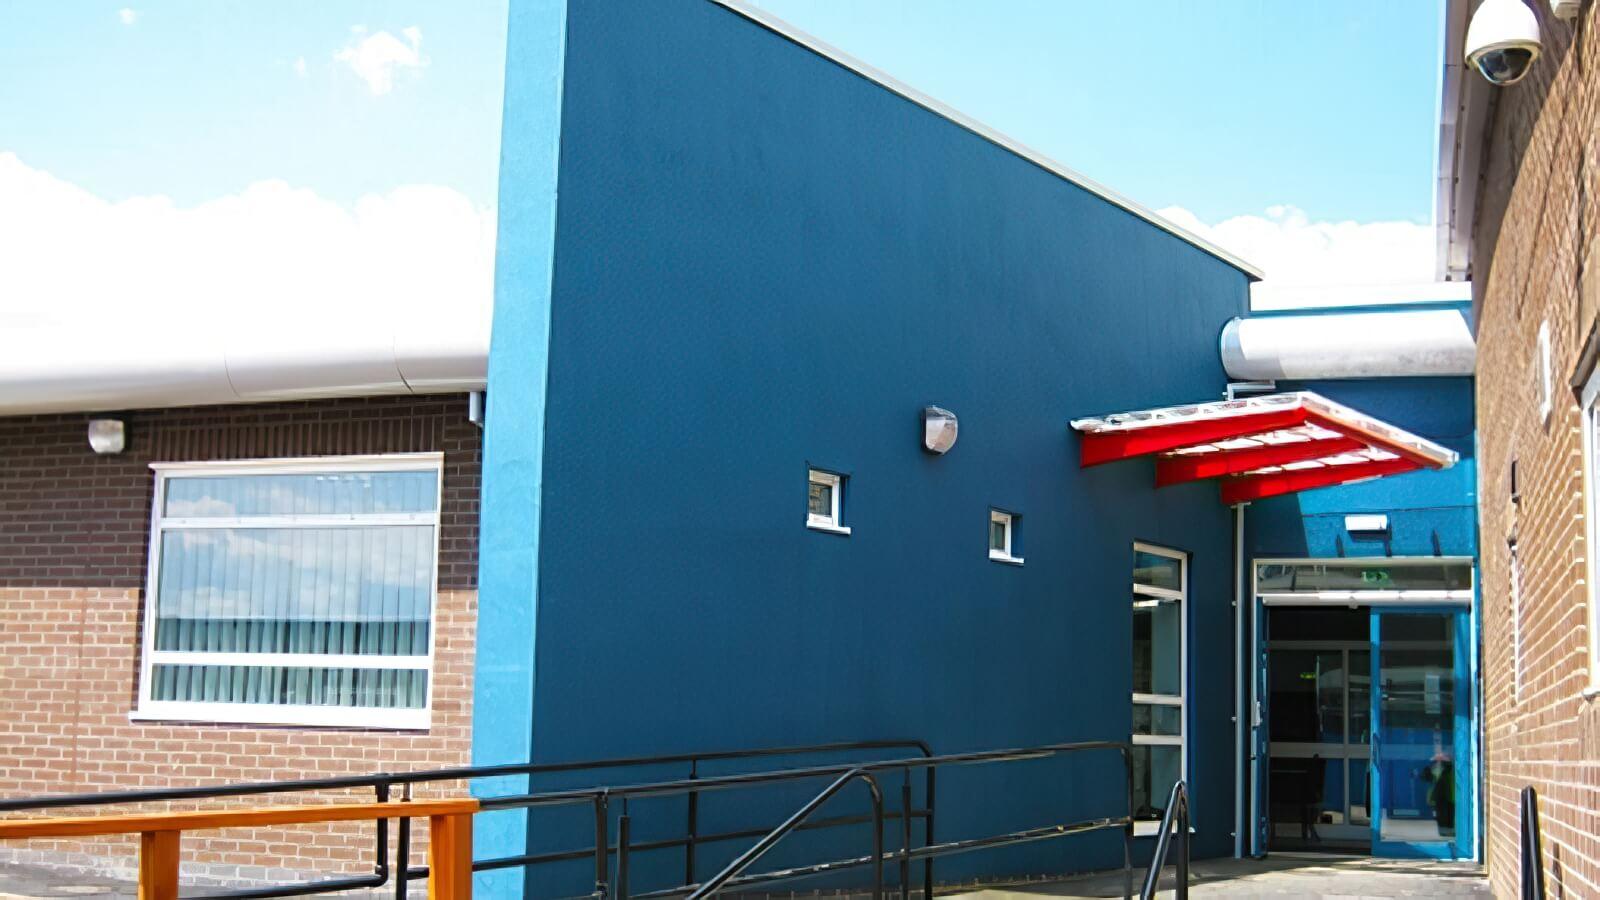 Priesthorpe School